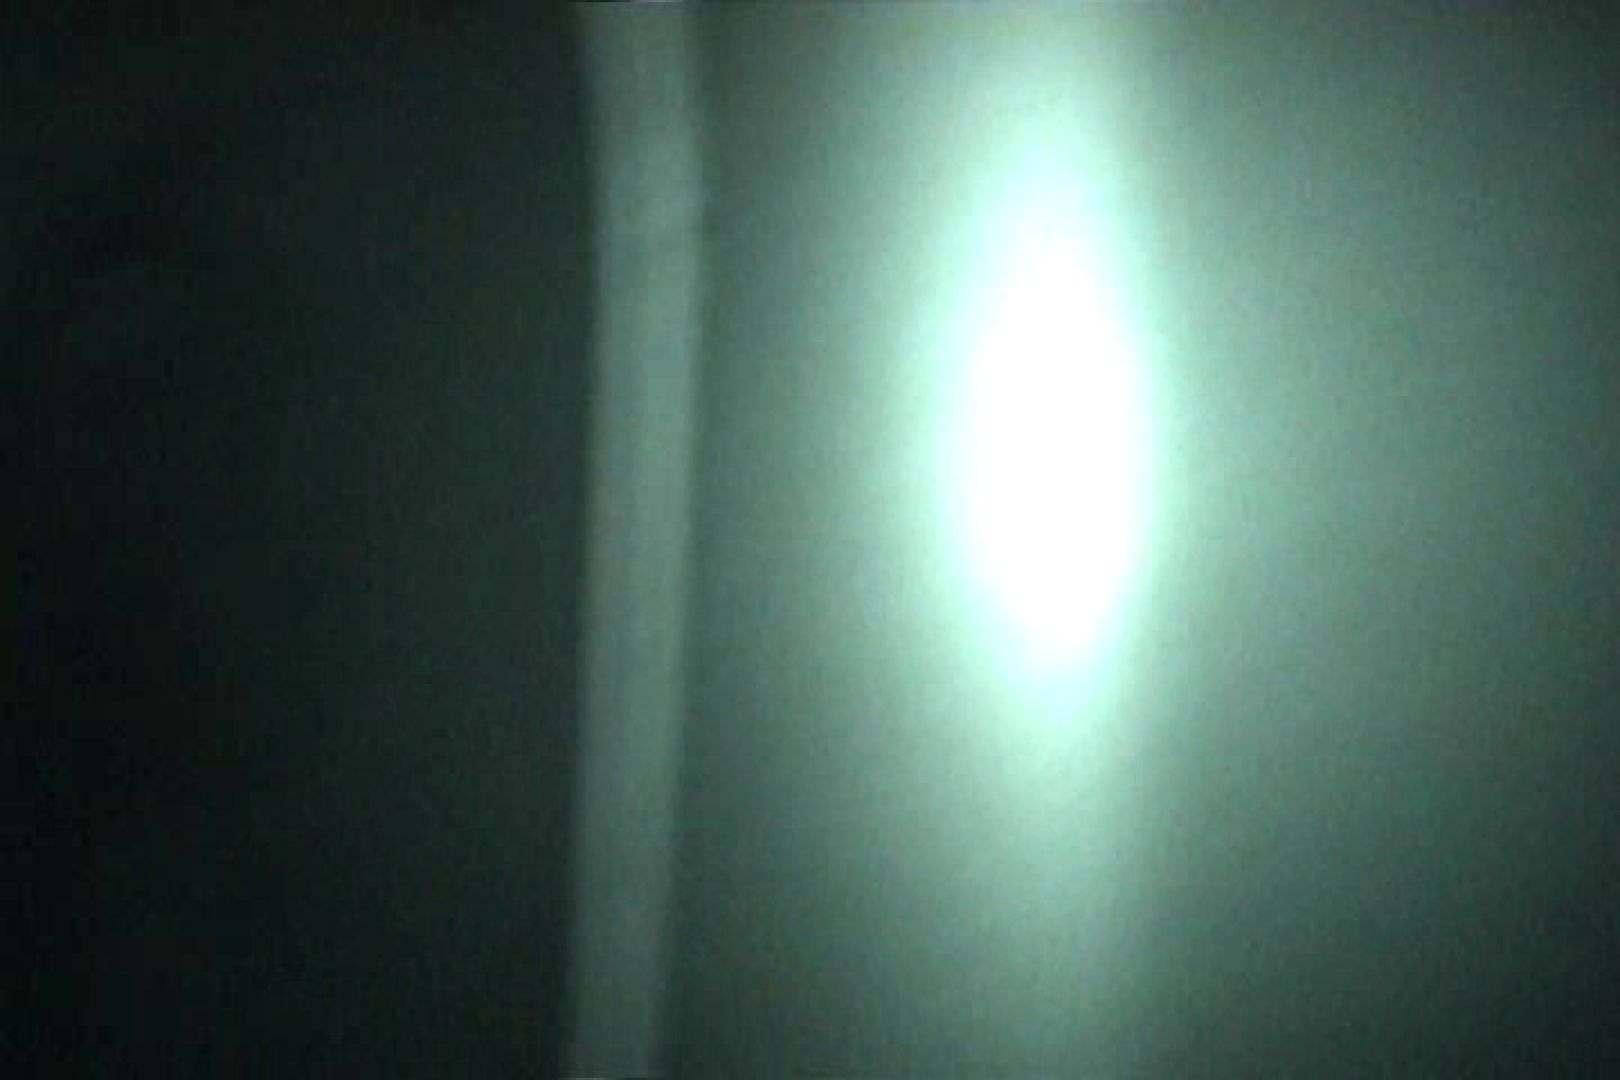 充血監督の深夜の運動会Vol.146 エロティックなOL すけべAV動画紹介 62画像 14